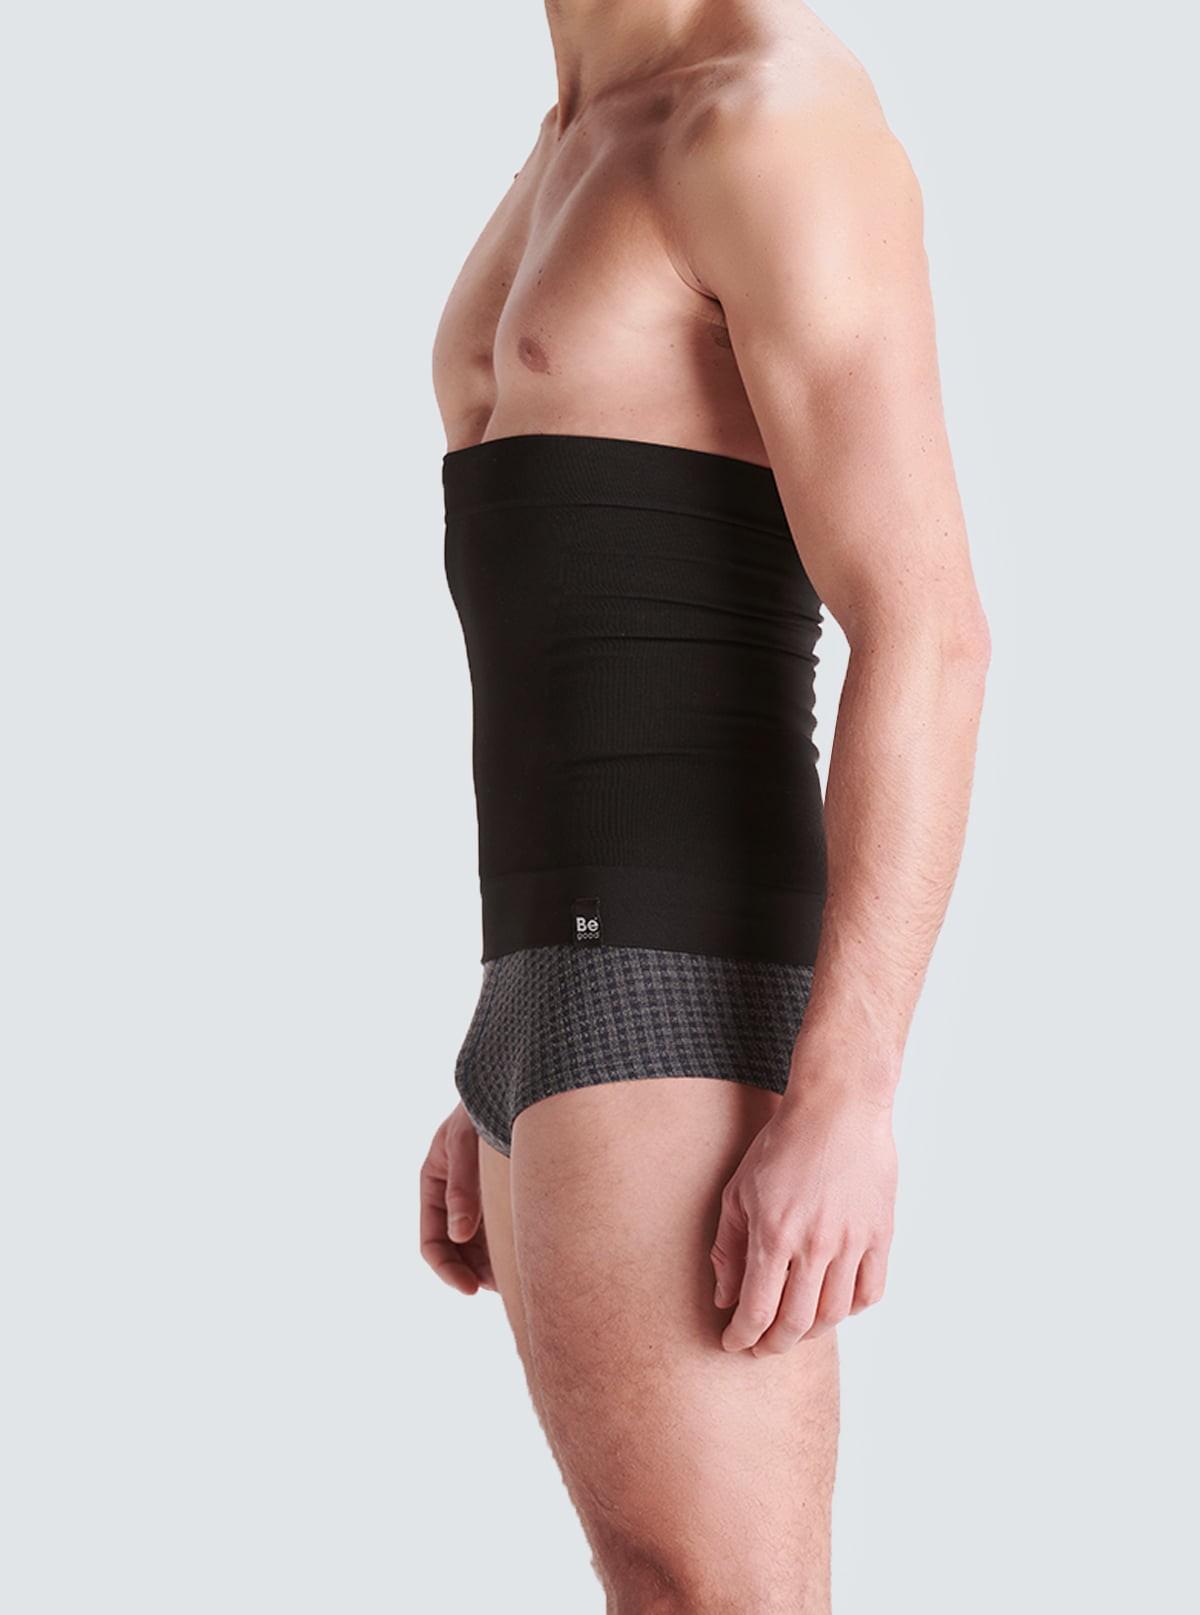 Bauchgürtel für den Mann aus Dermofibra® Bio-Infrared